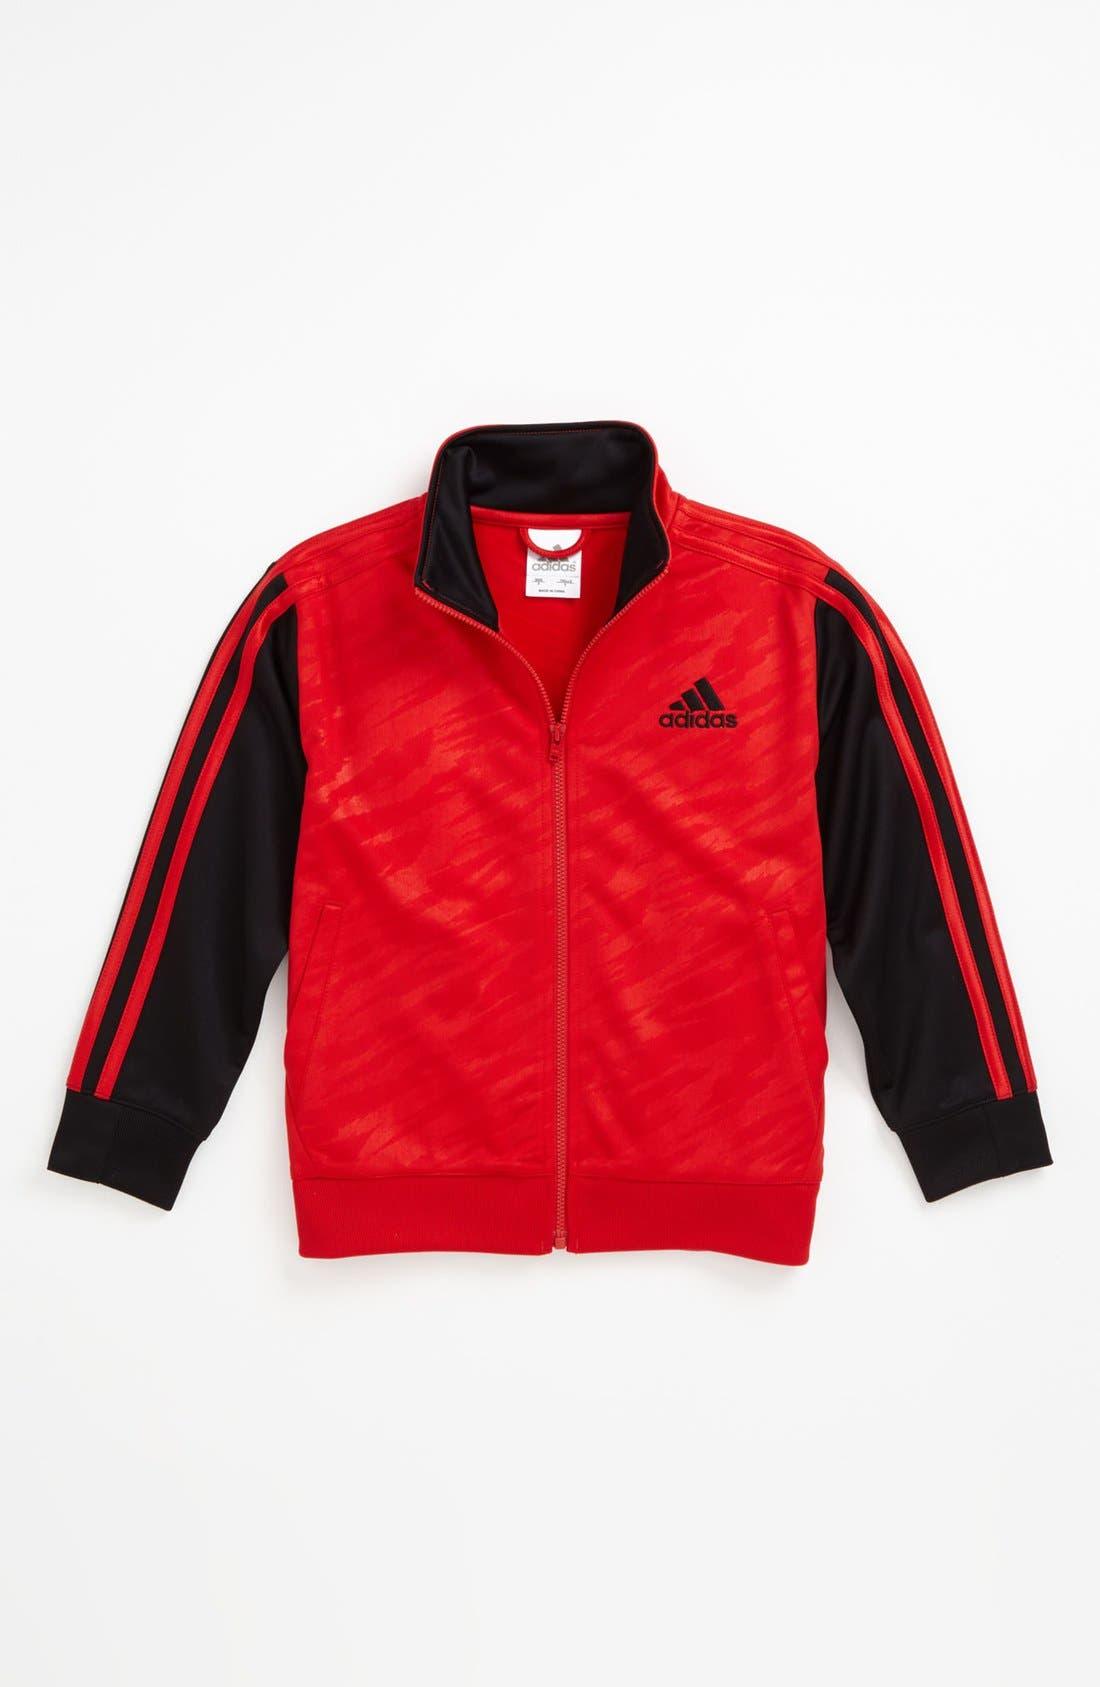 Alternate Image 1 Selected - adidas 'Impact' Varsity Jacket (Little Boys)